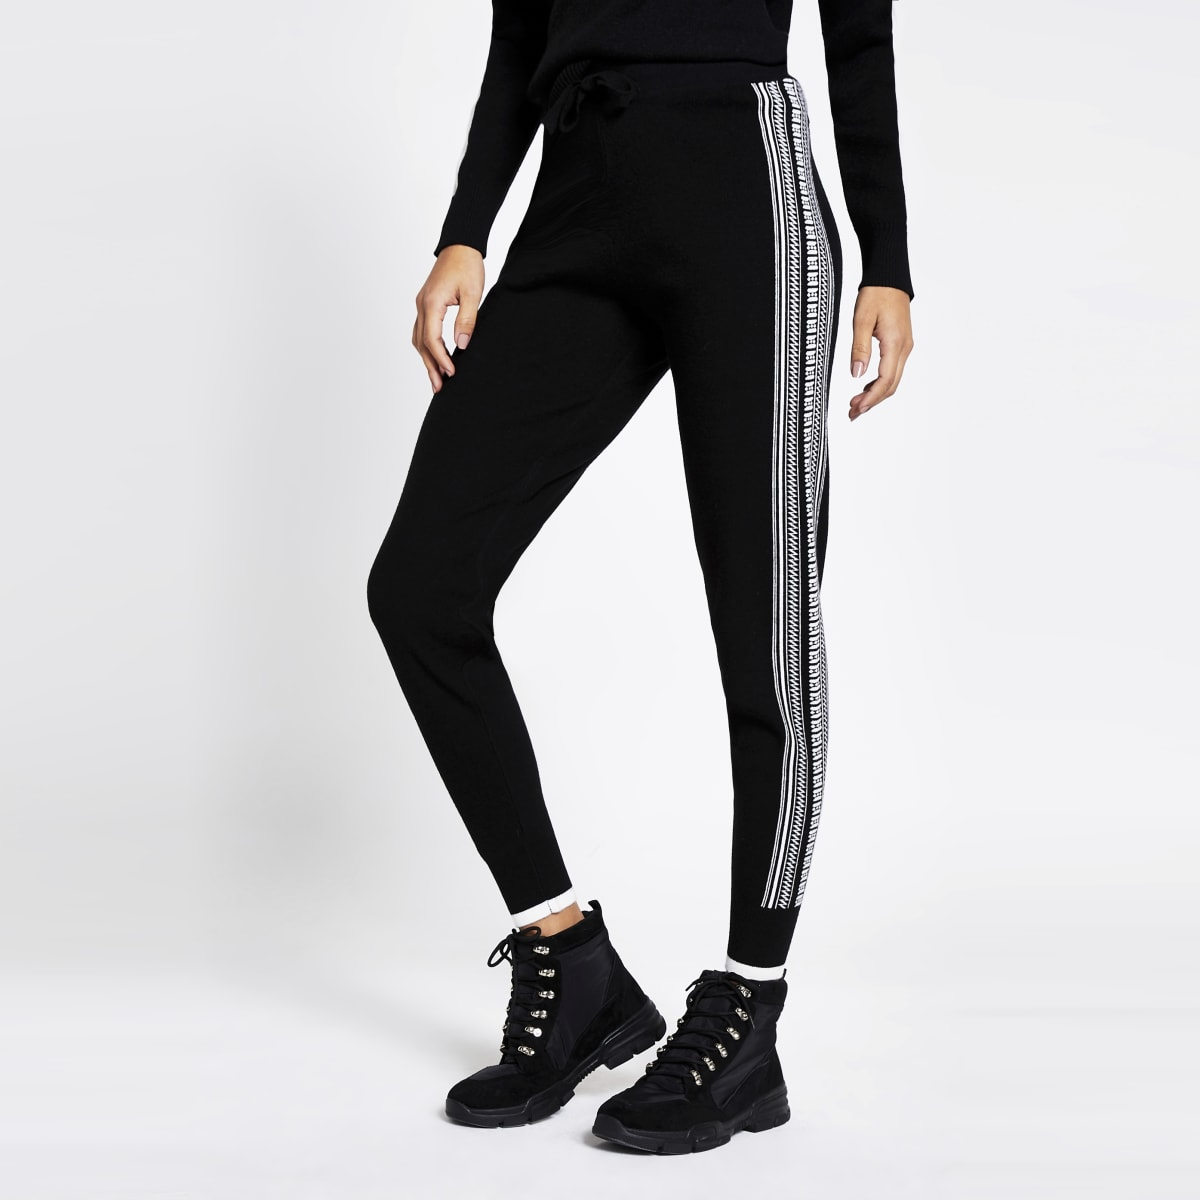 Pantalon de jogging noir avec bande latérale impriméejacquard